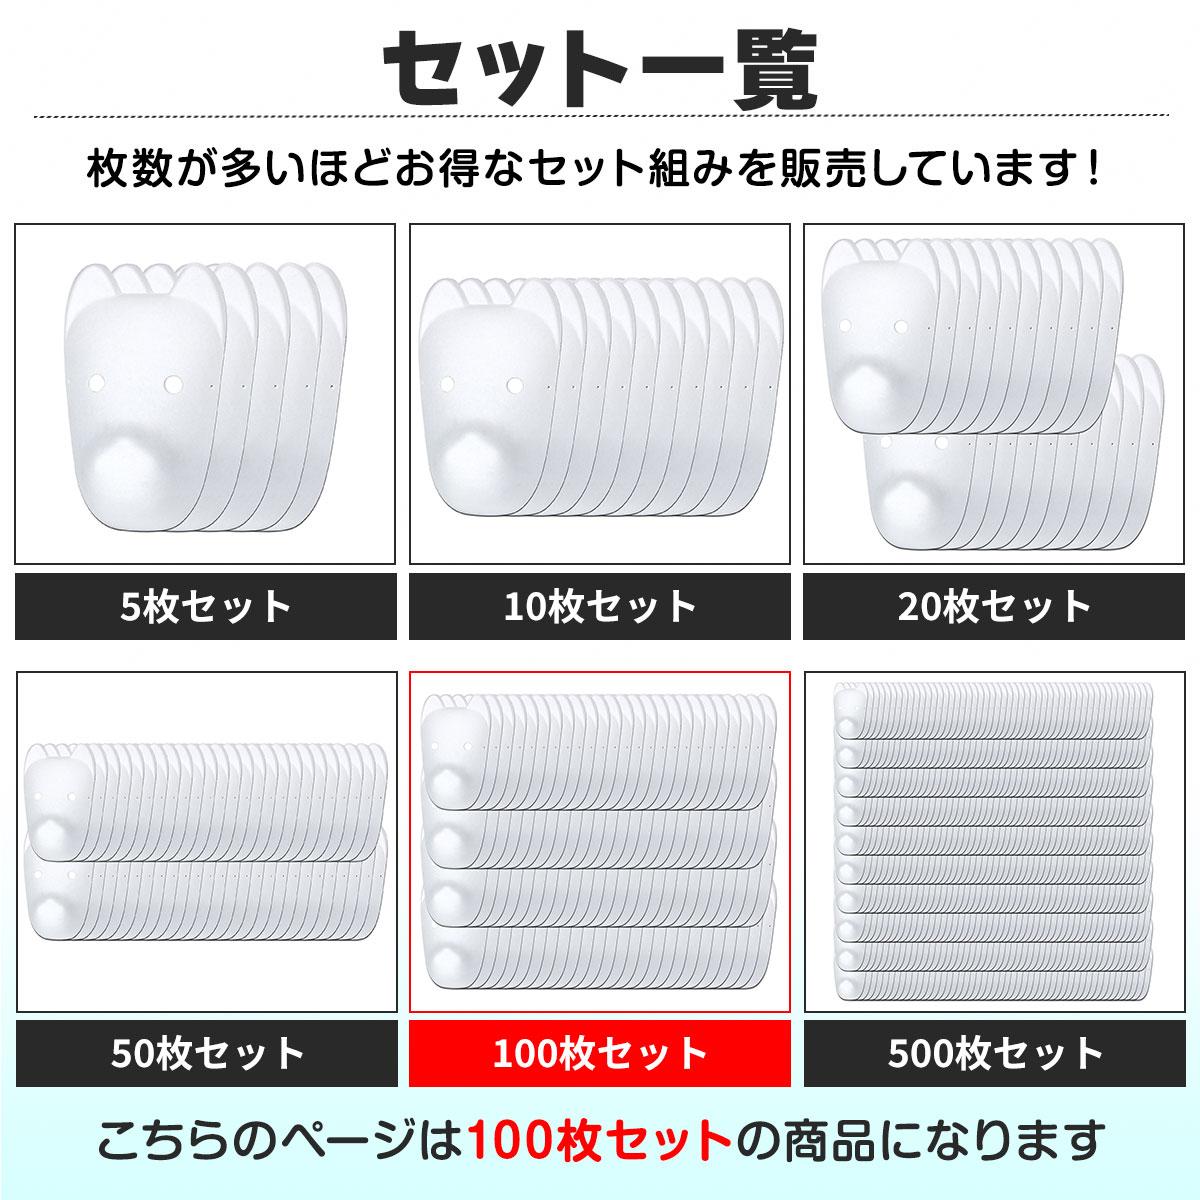 狐面 お面 狐 仮面 マスク コスプレ 無地 ペイント 紙パルプ製 大サイズ 100枚セット